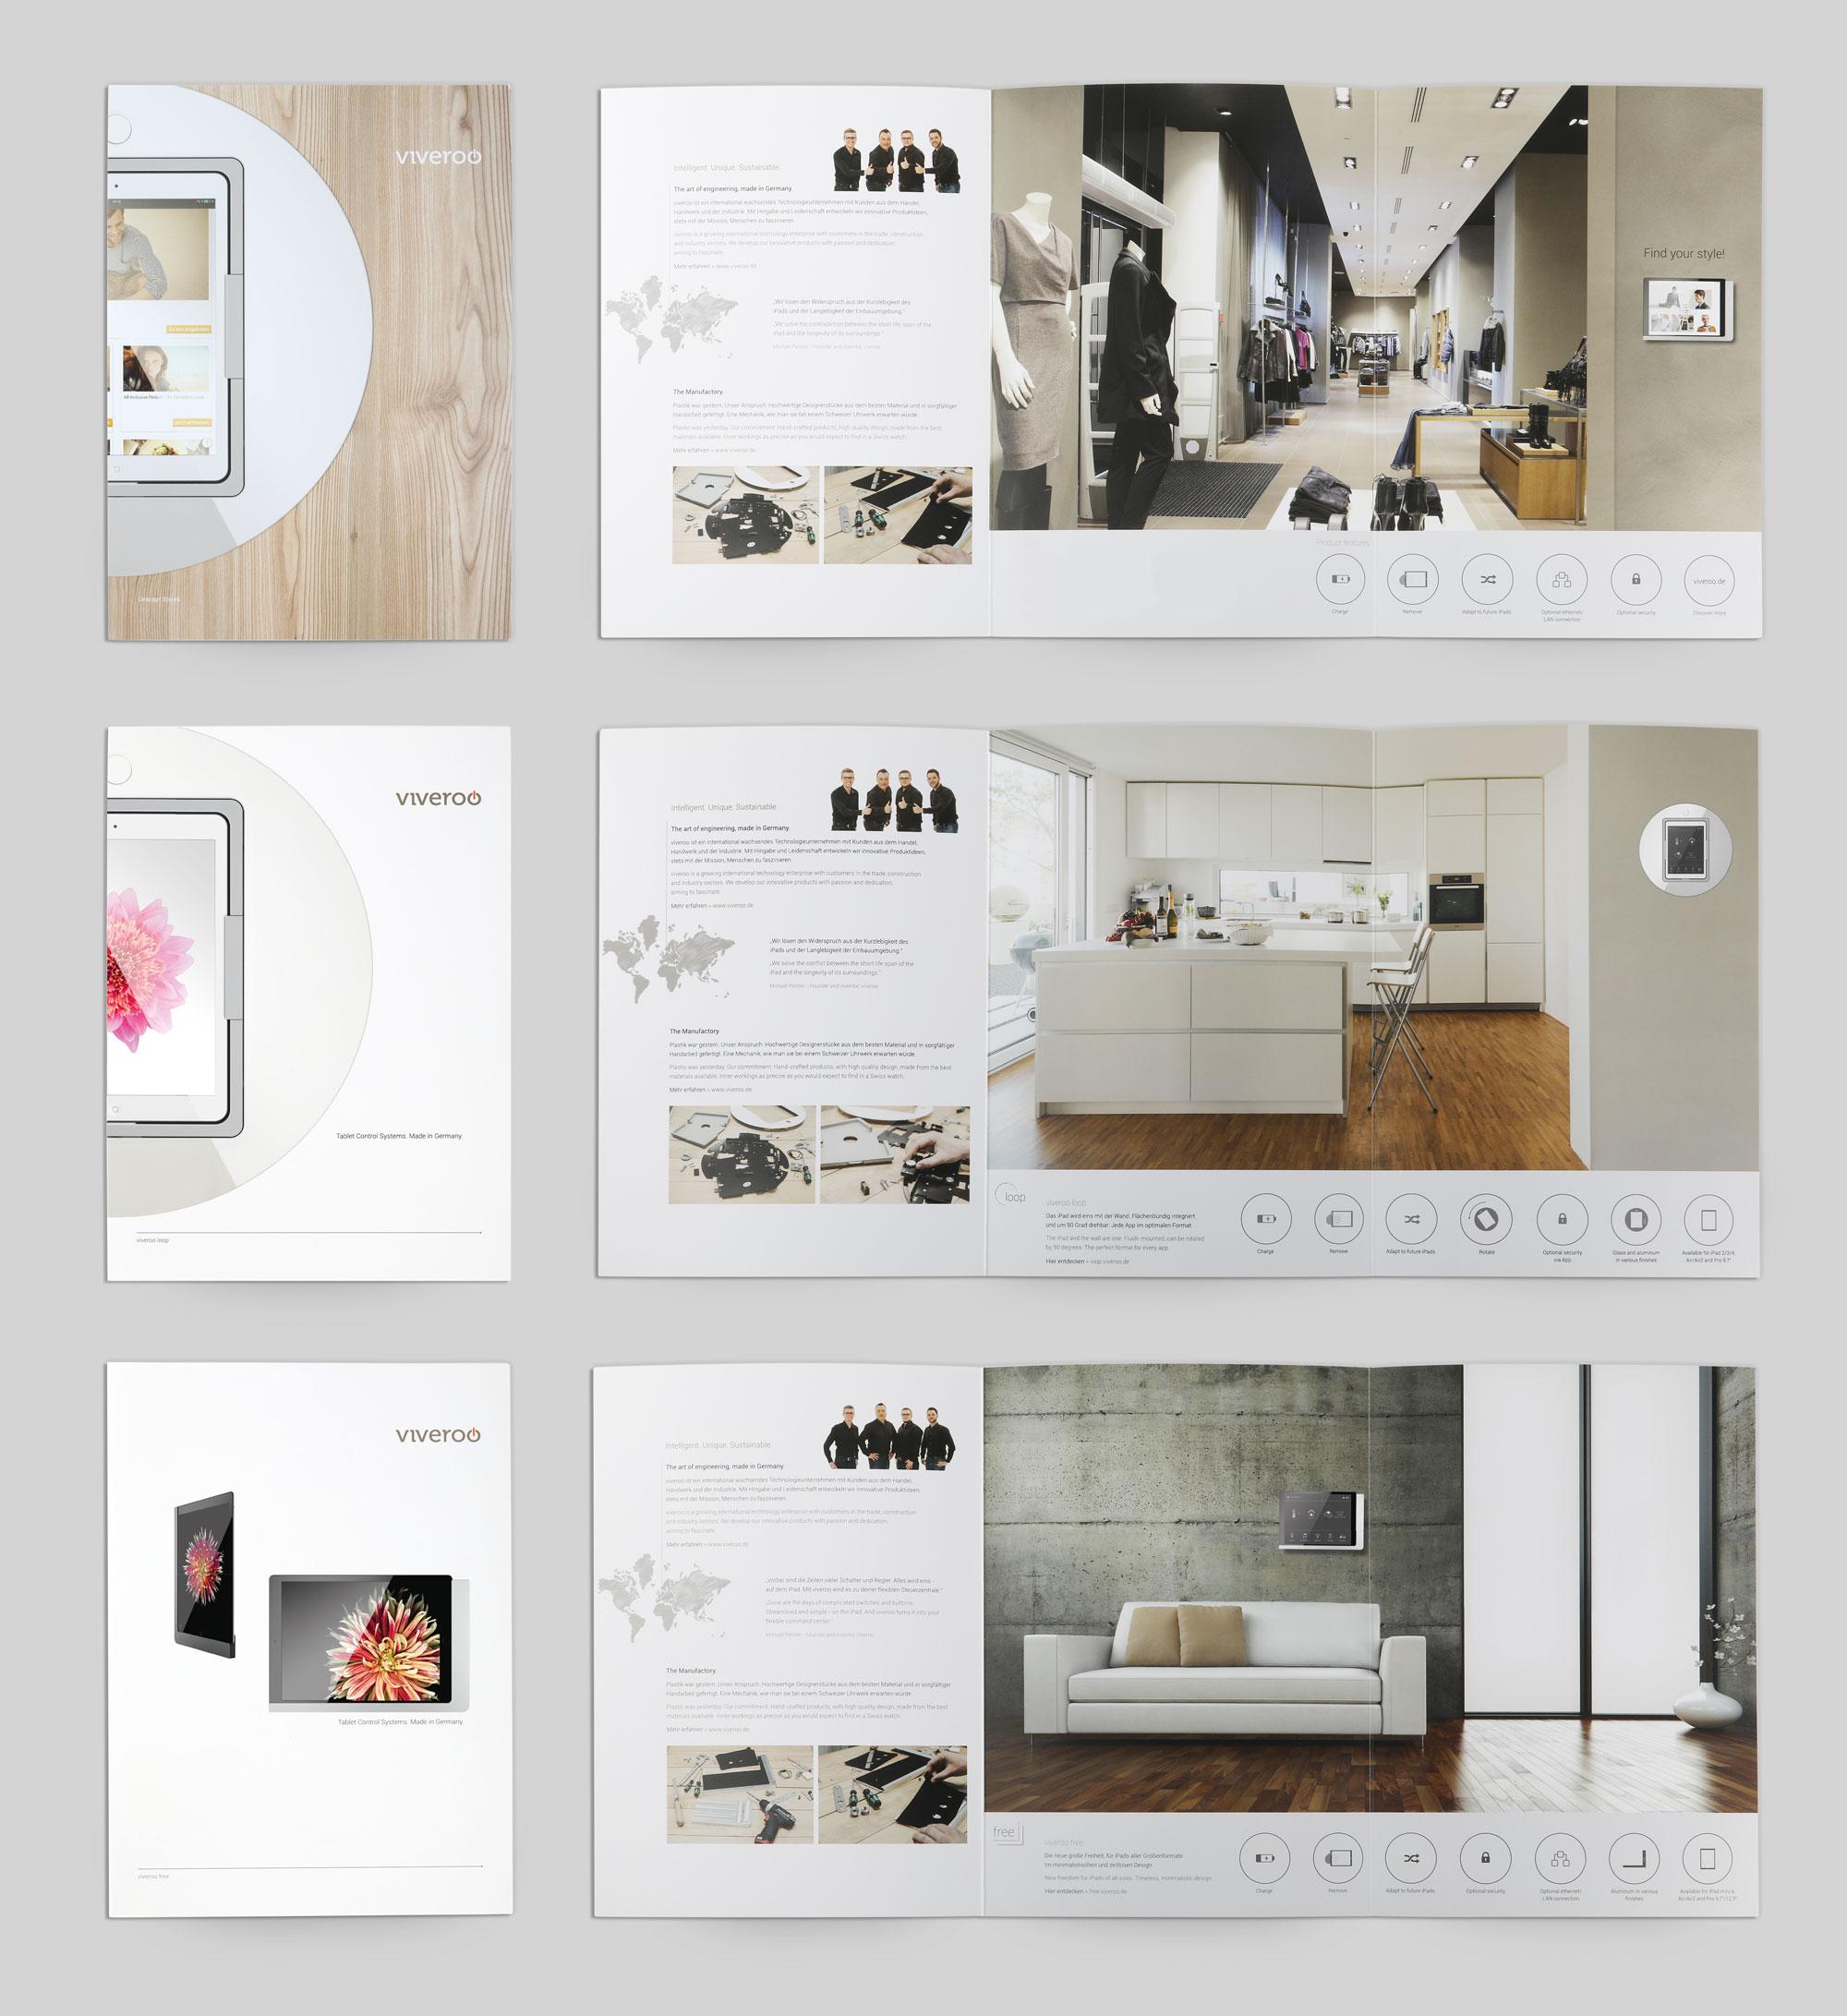 Viveroo GmbH • Broschüren Design • Hüppmeier Marketing und Design